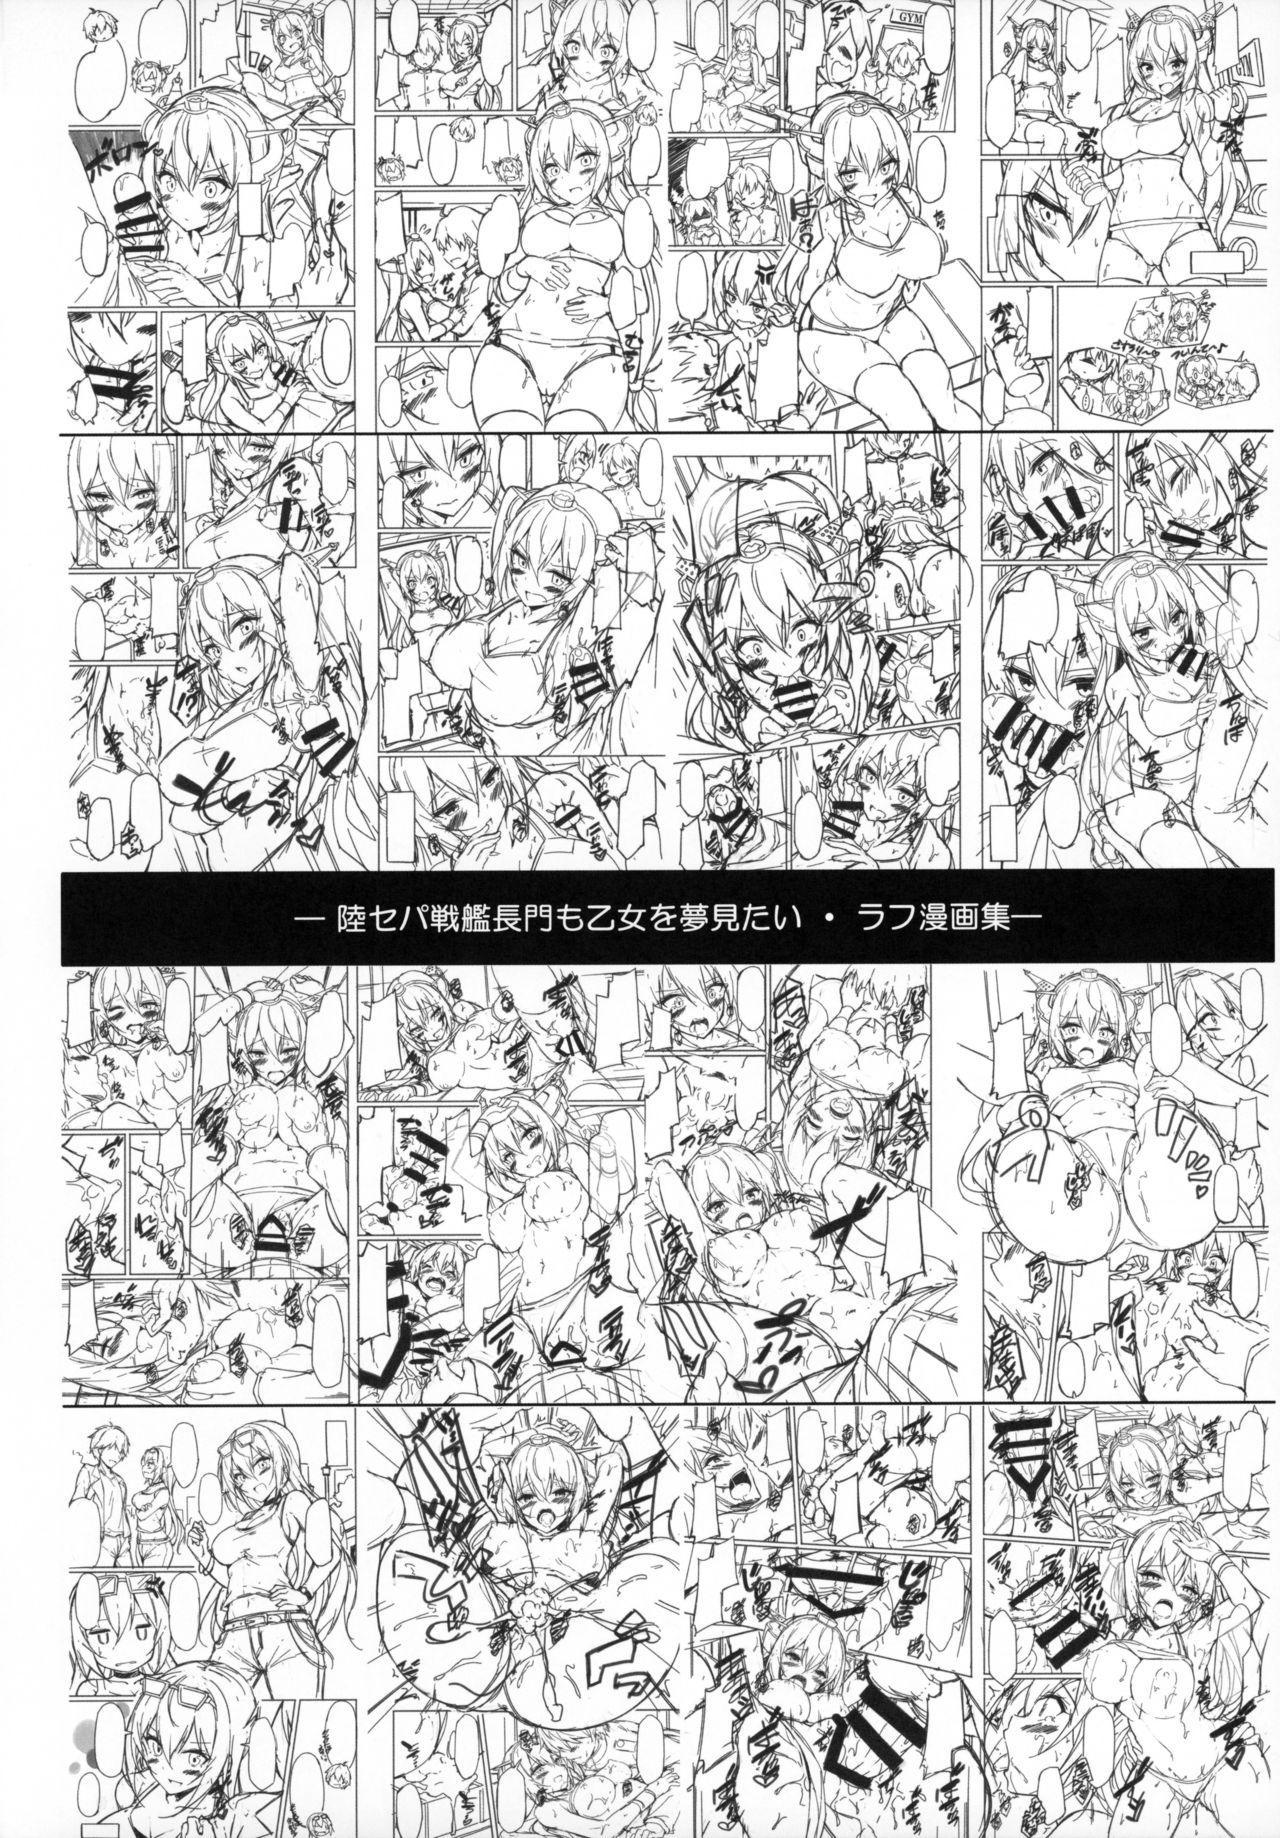 Rikusepa Senkan Nagato mo Otome o Yumemitai 18